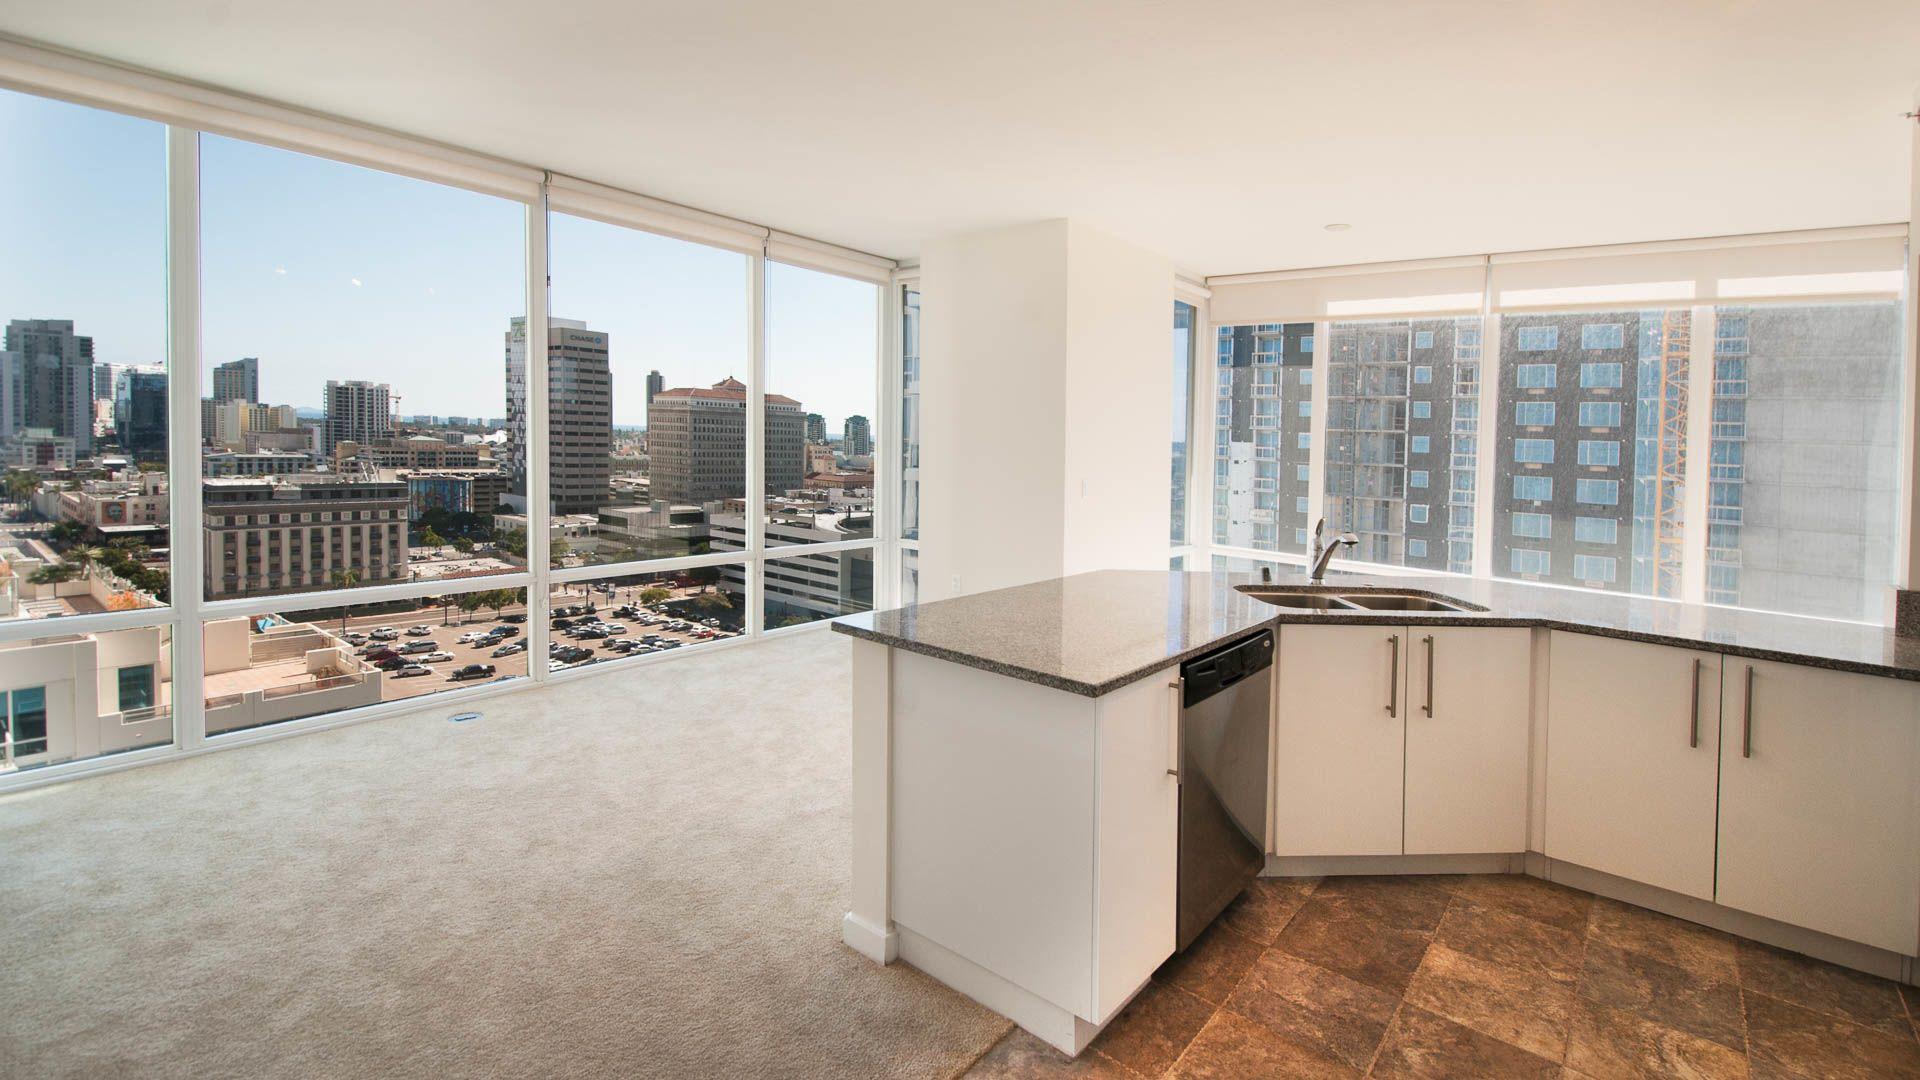 Vantage Pointe ApartmentsDowntown San Diego1281 9th Avenue